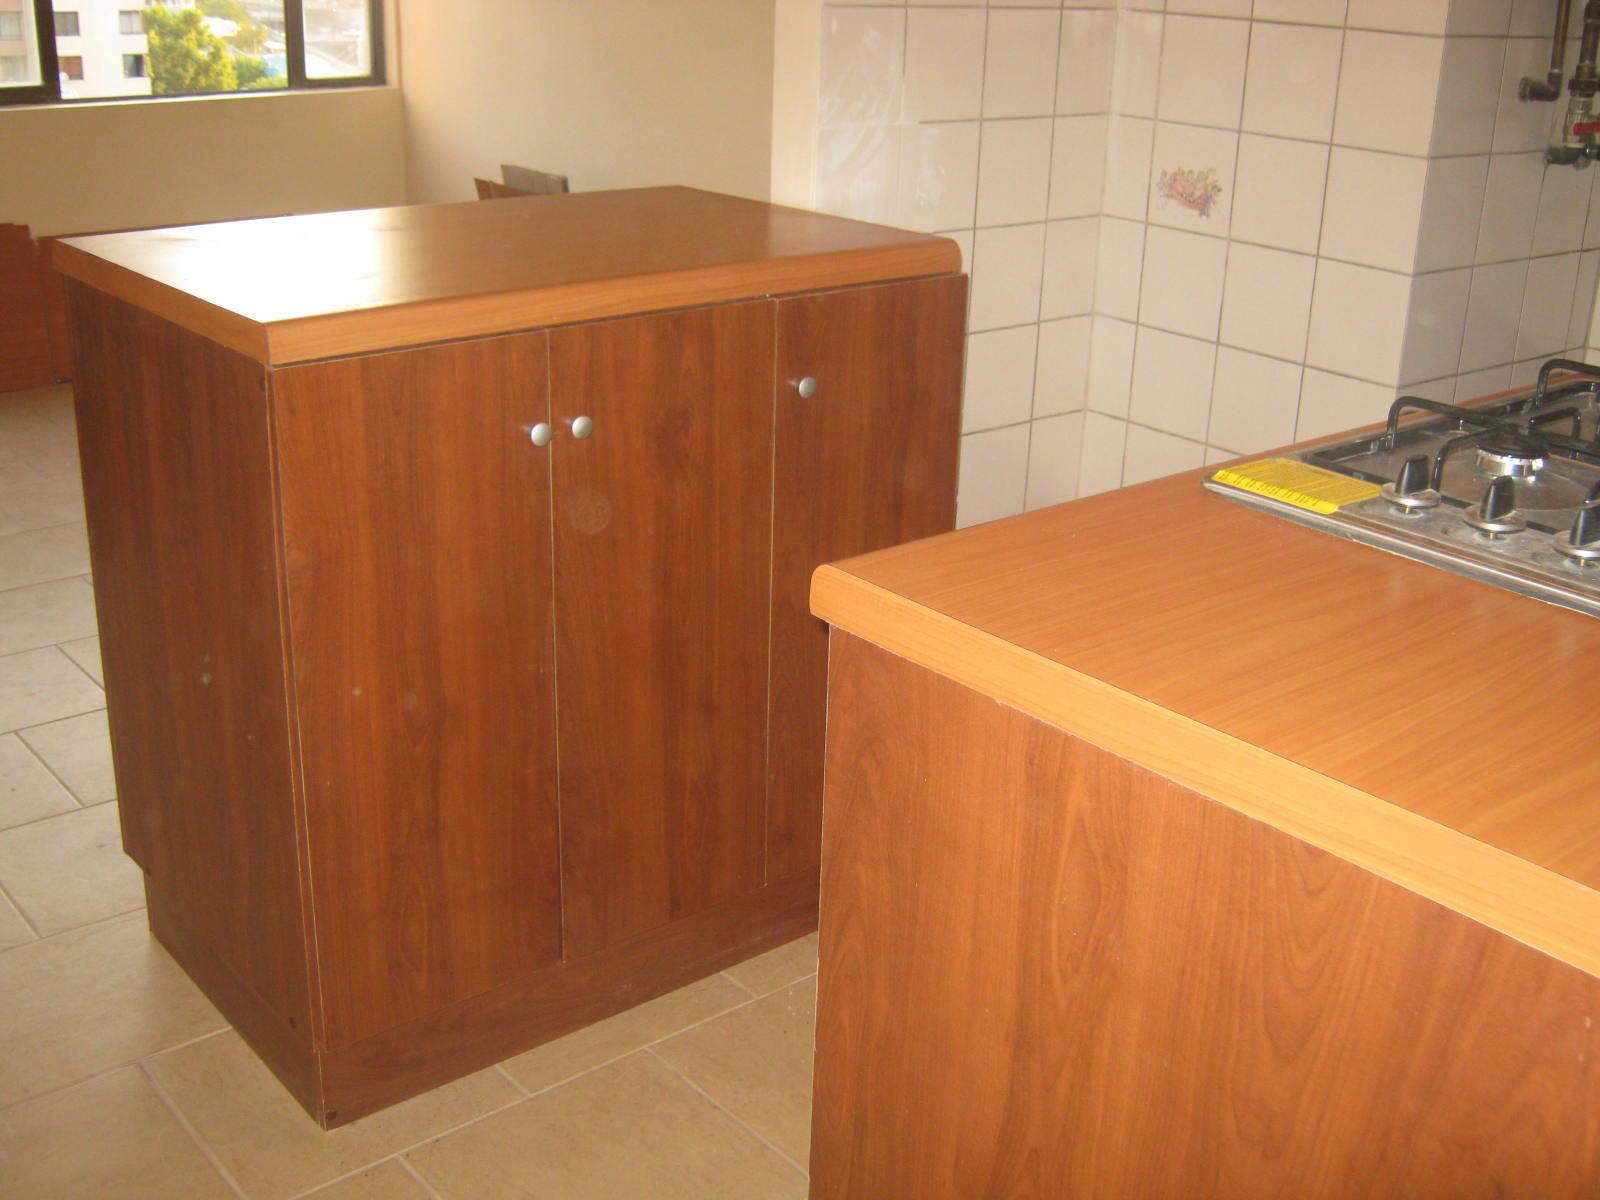 Carmiel21 muebles de cocina for Muebles de cocina 1 80m